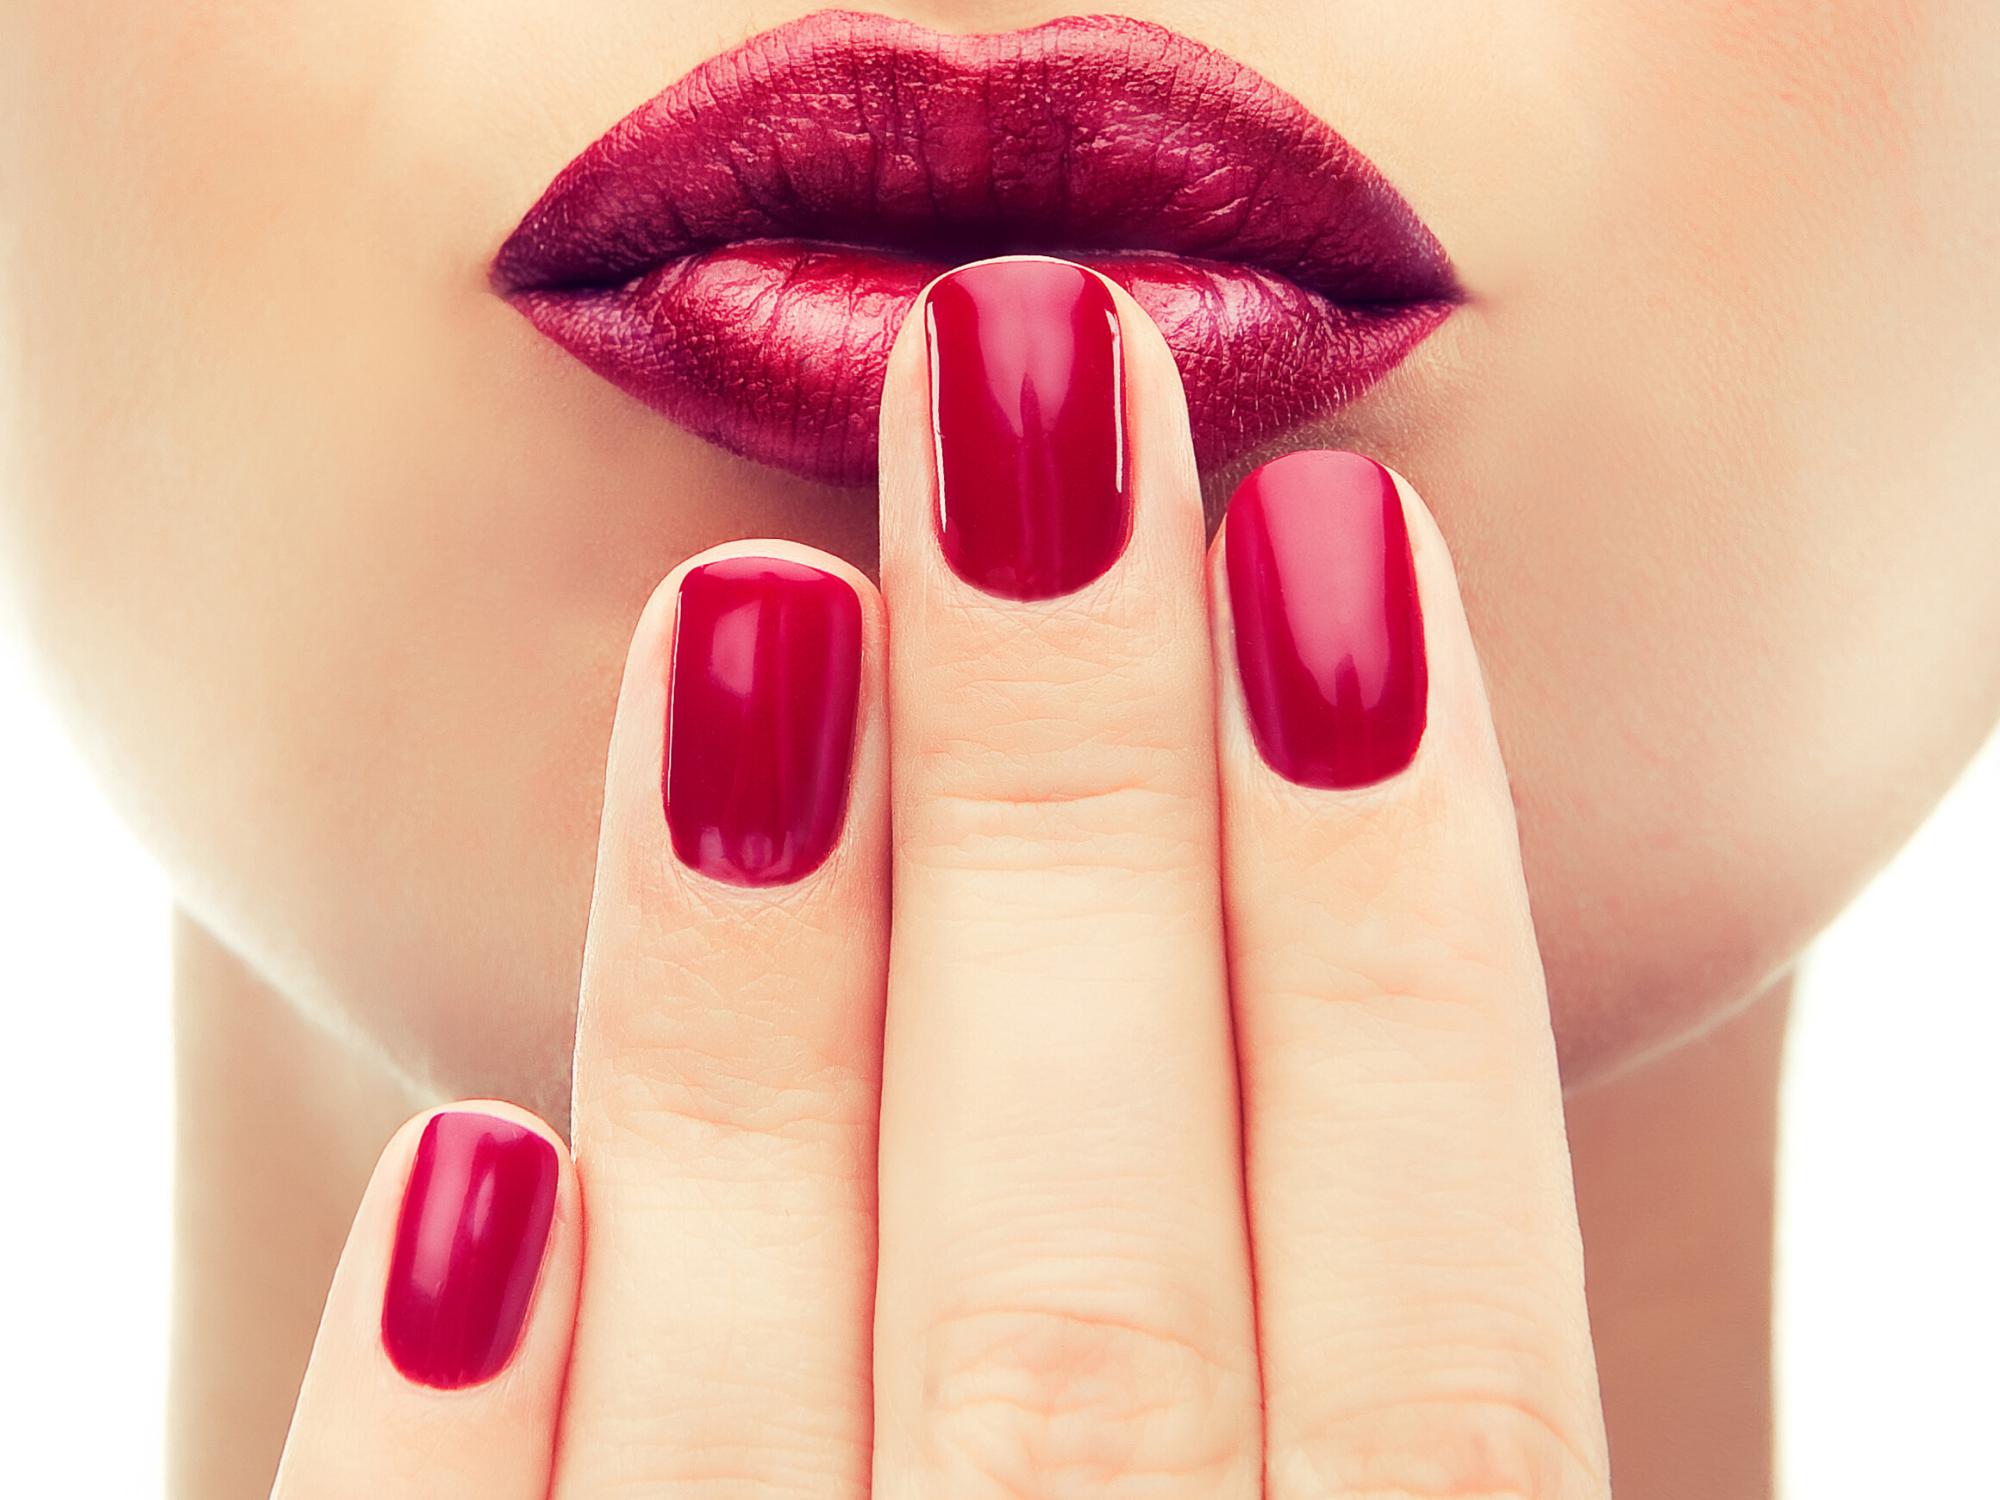 Des ongles avec du vernis rouge posés sur une bouche rouge